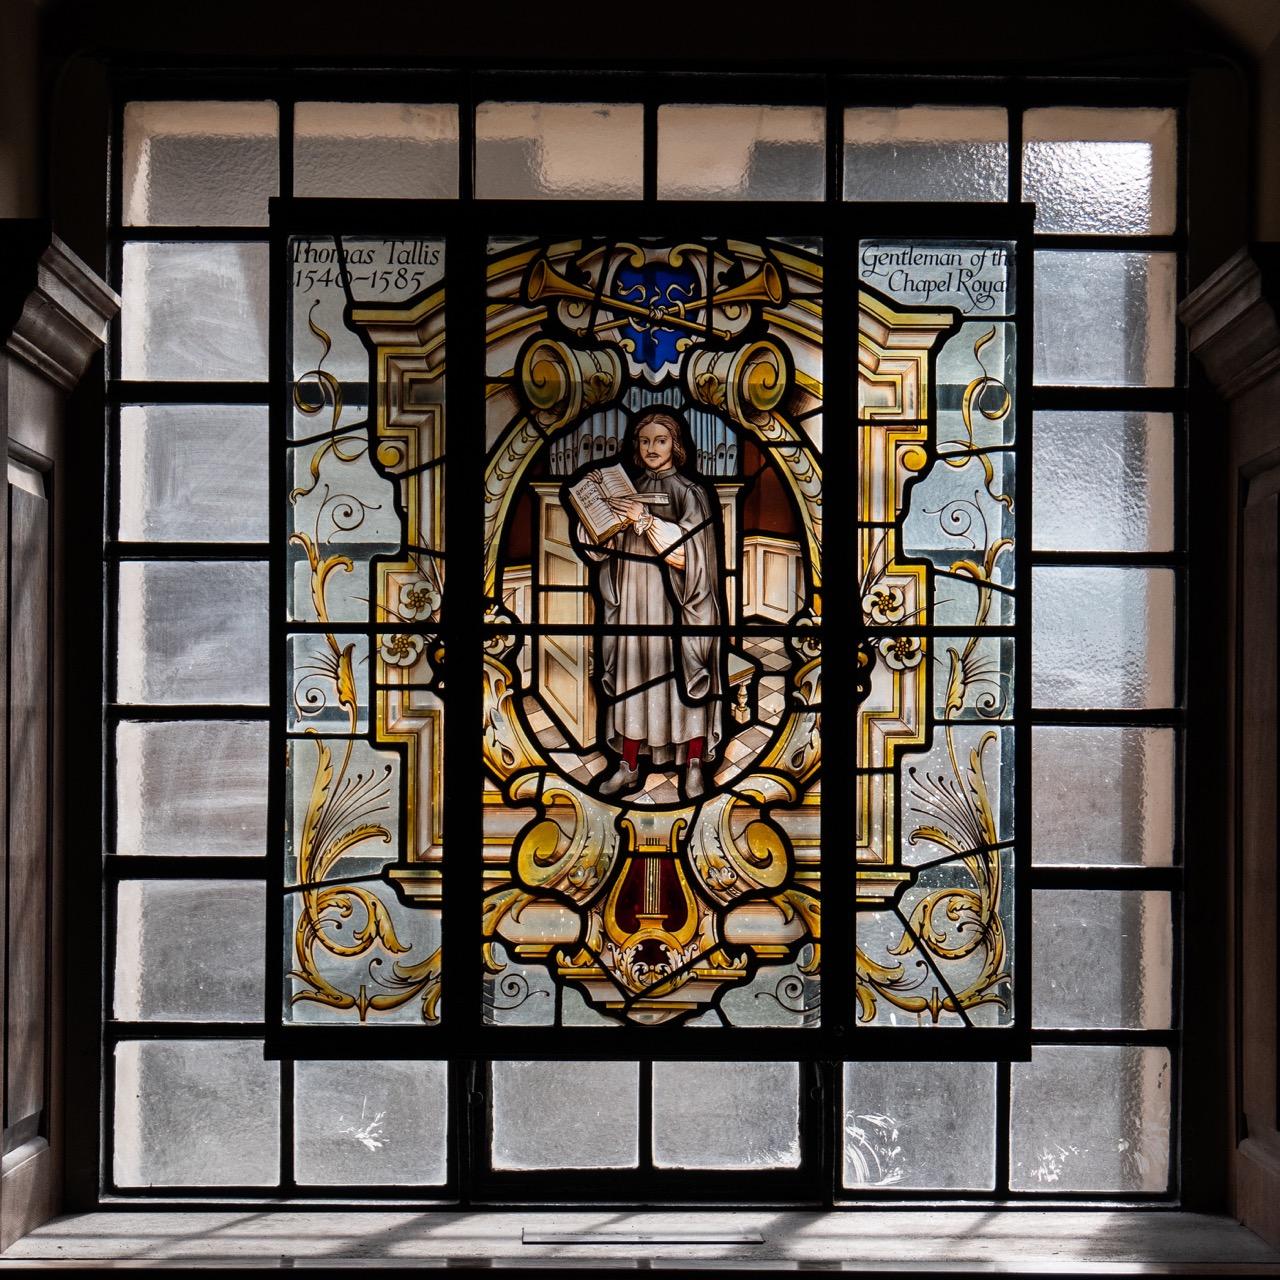 Buntglasfenster zur Erinnerung an Thomas Tallis († 1585)